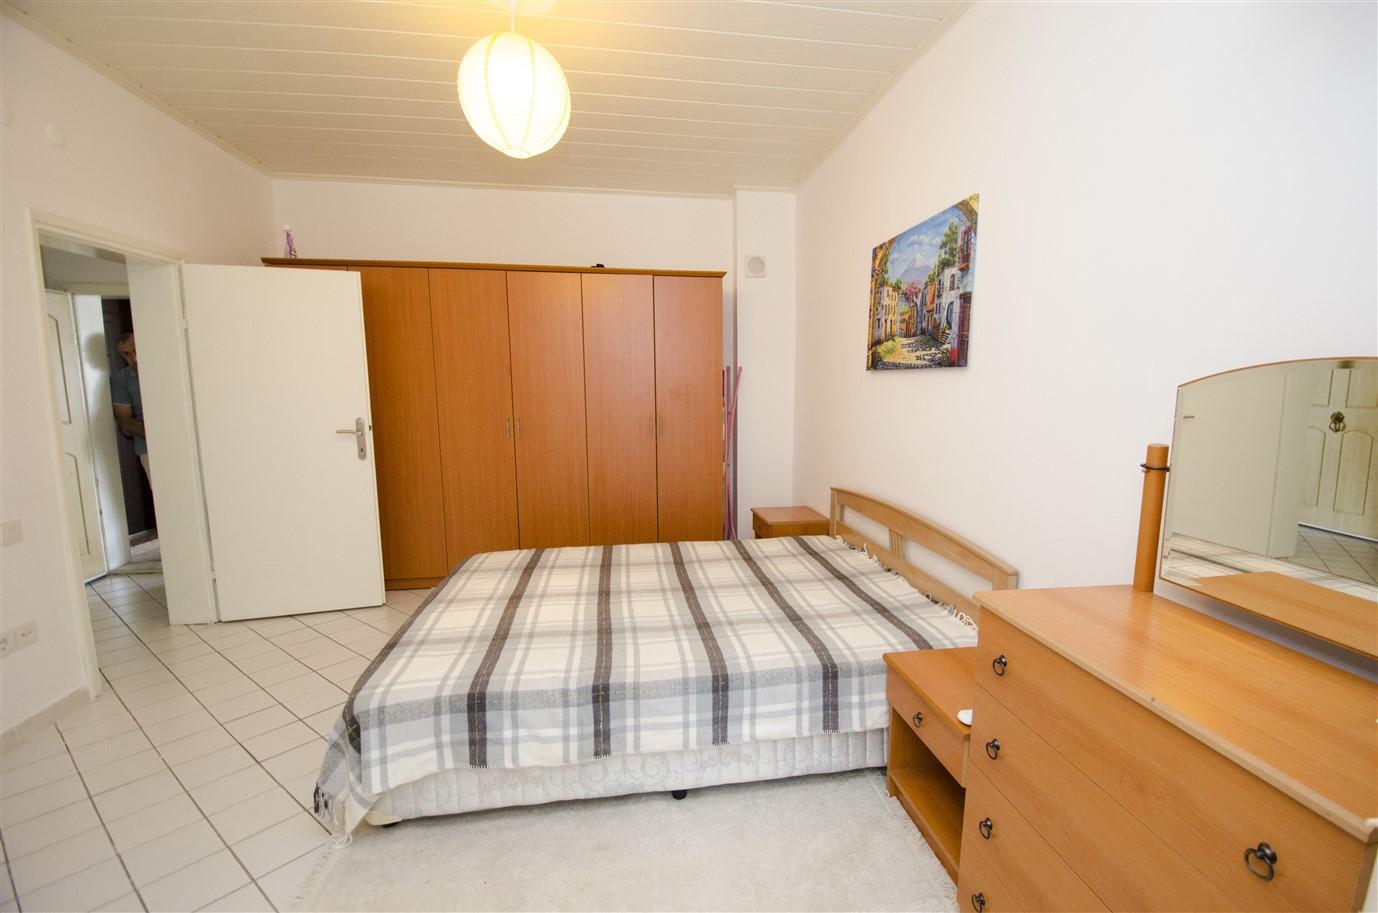 Квартира 1+1 с мебелью в районе Лиман Коньяалты Анталия - Фото 11